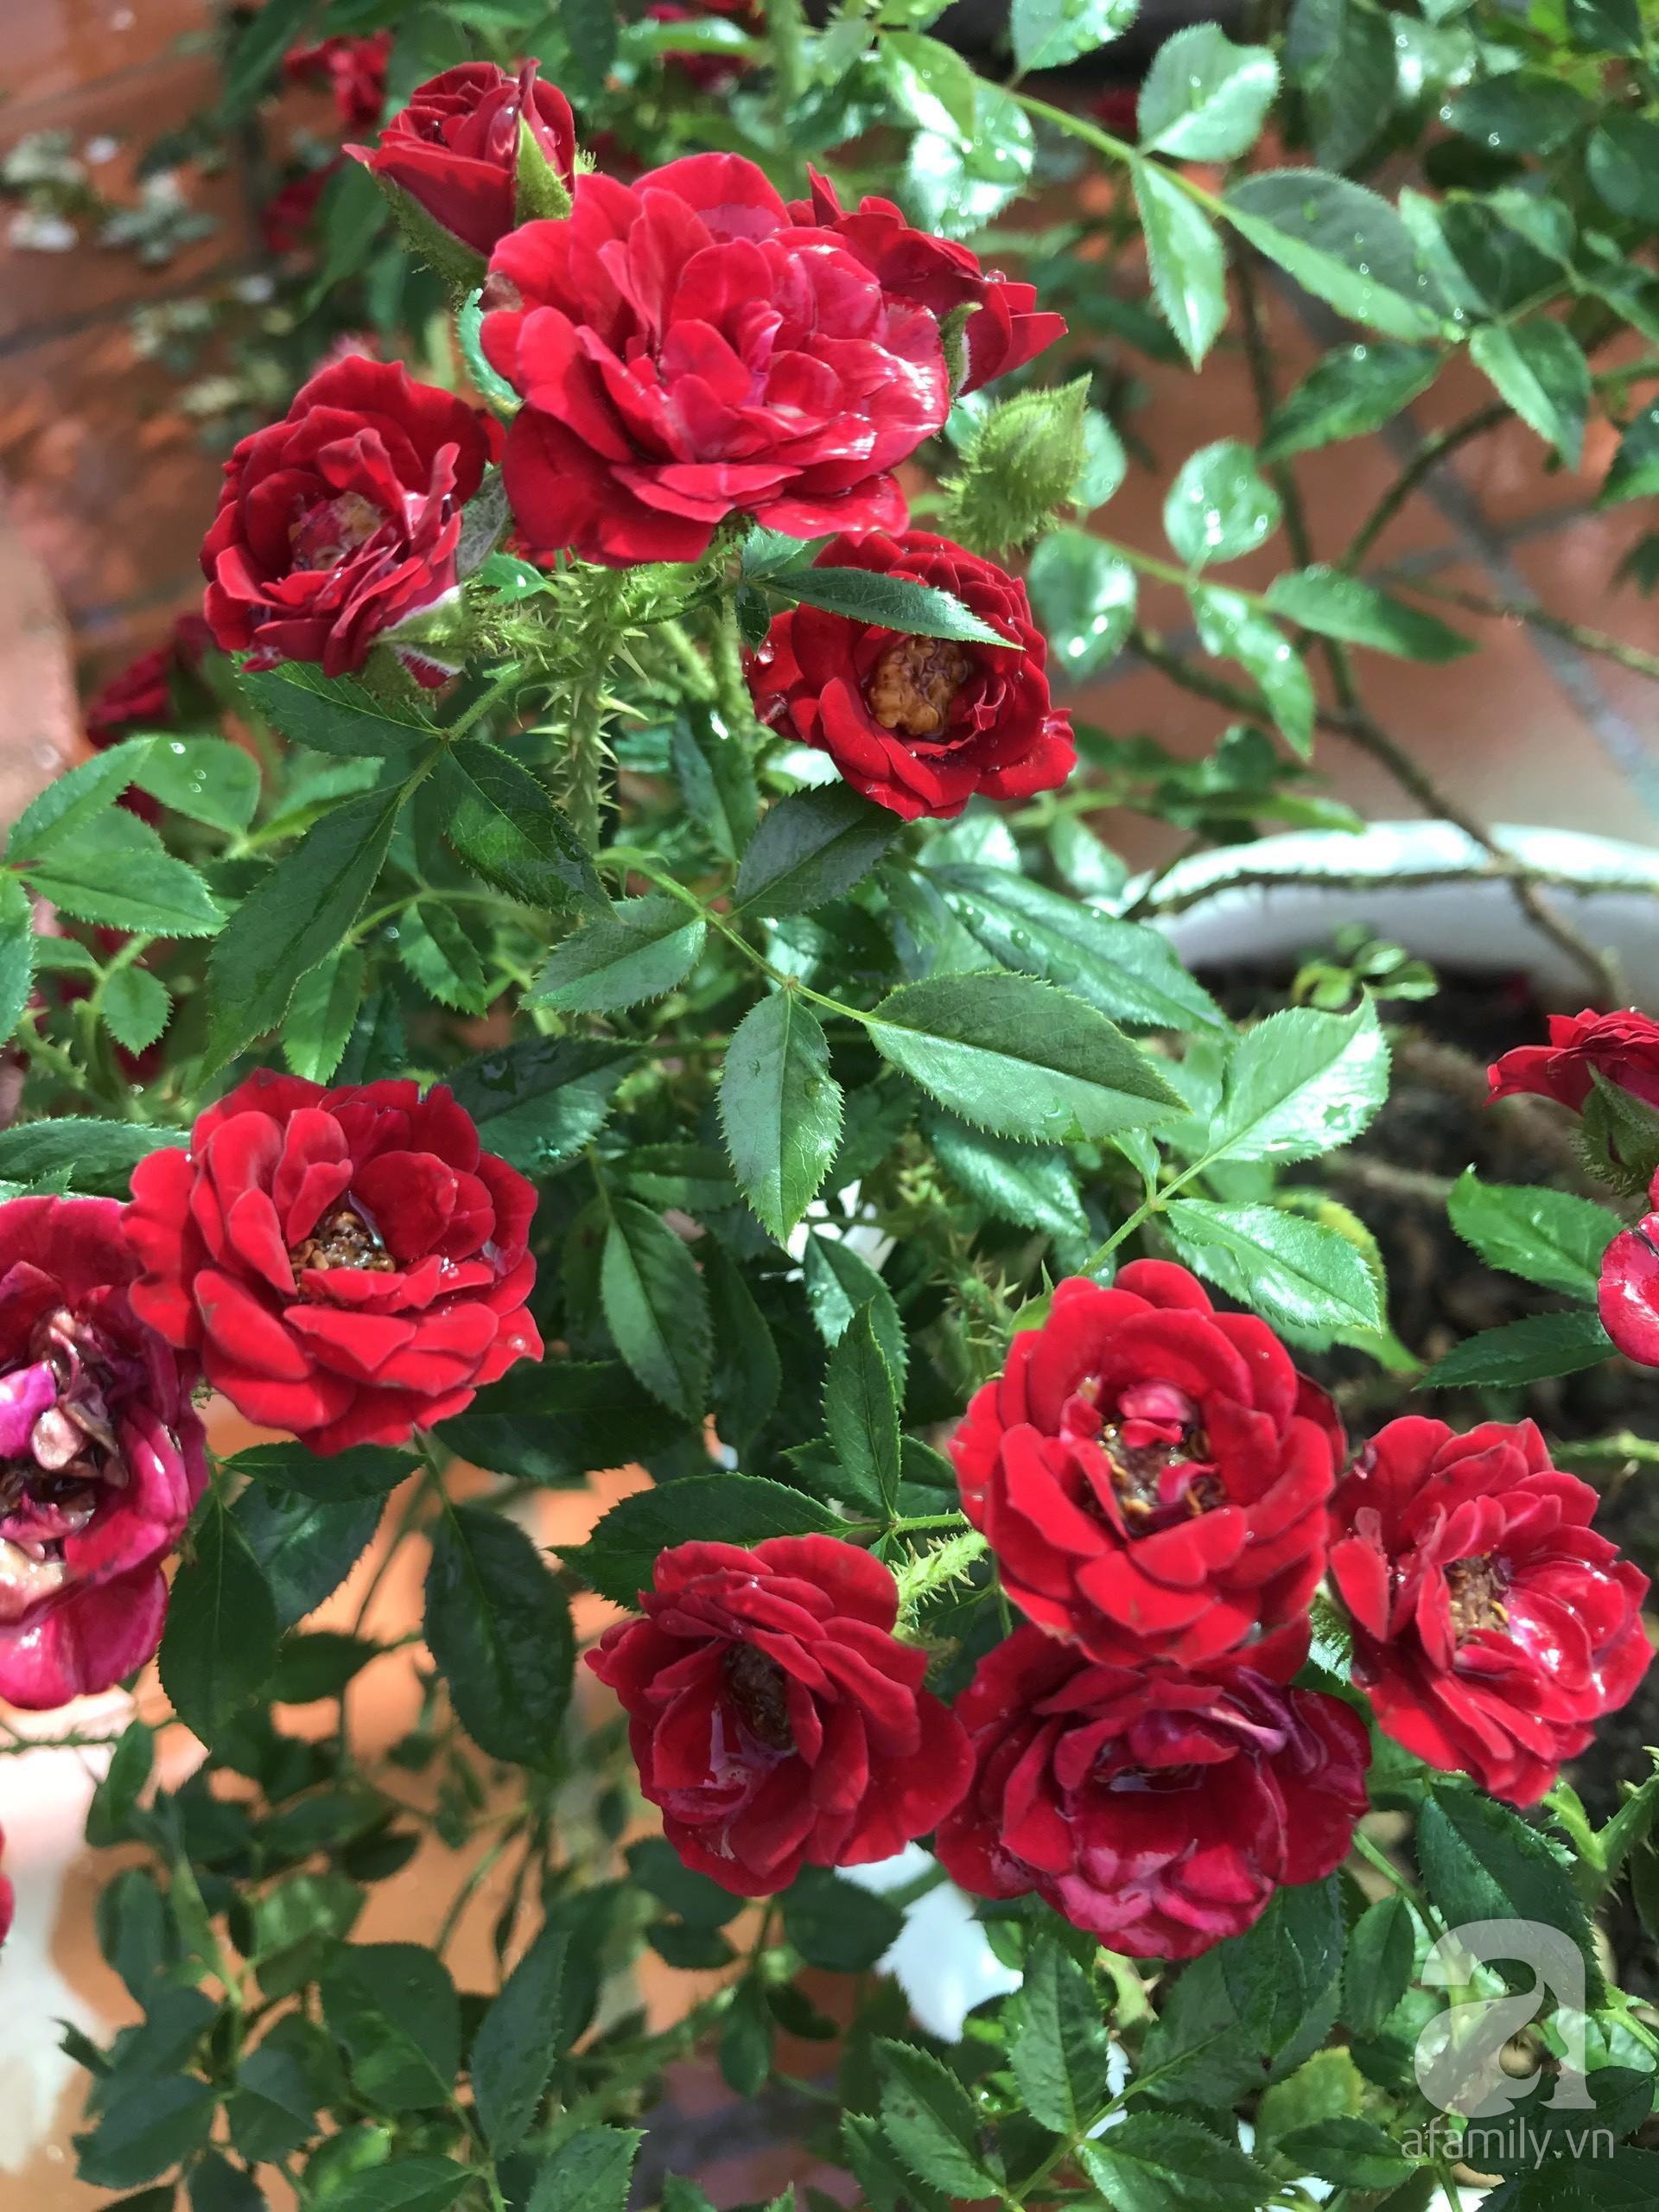 Sân thượng hoa hồng đẹp mộng mơ như trong cổ tích của cô giáo dạy Văn ở thành phố biển Nha Trang - Hình 8